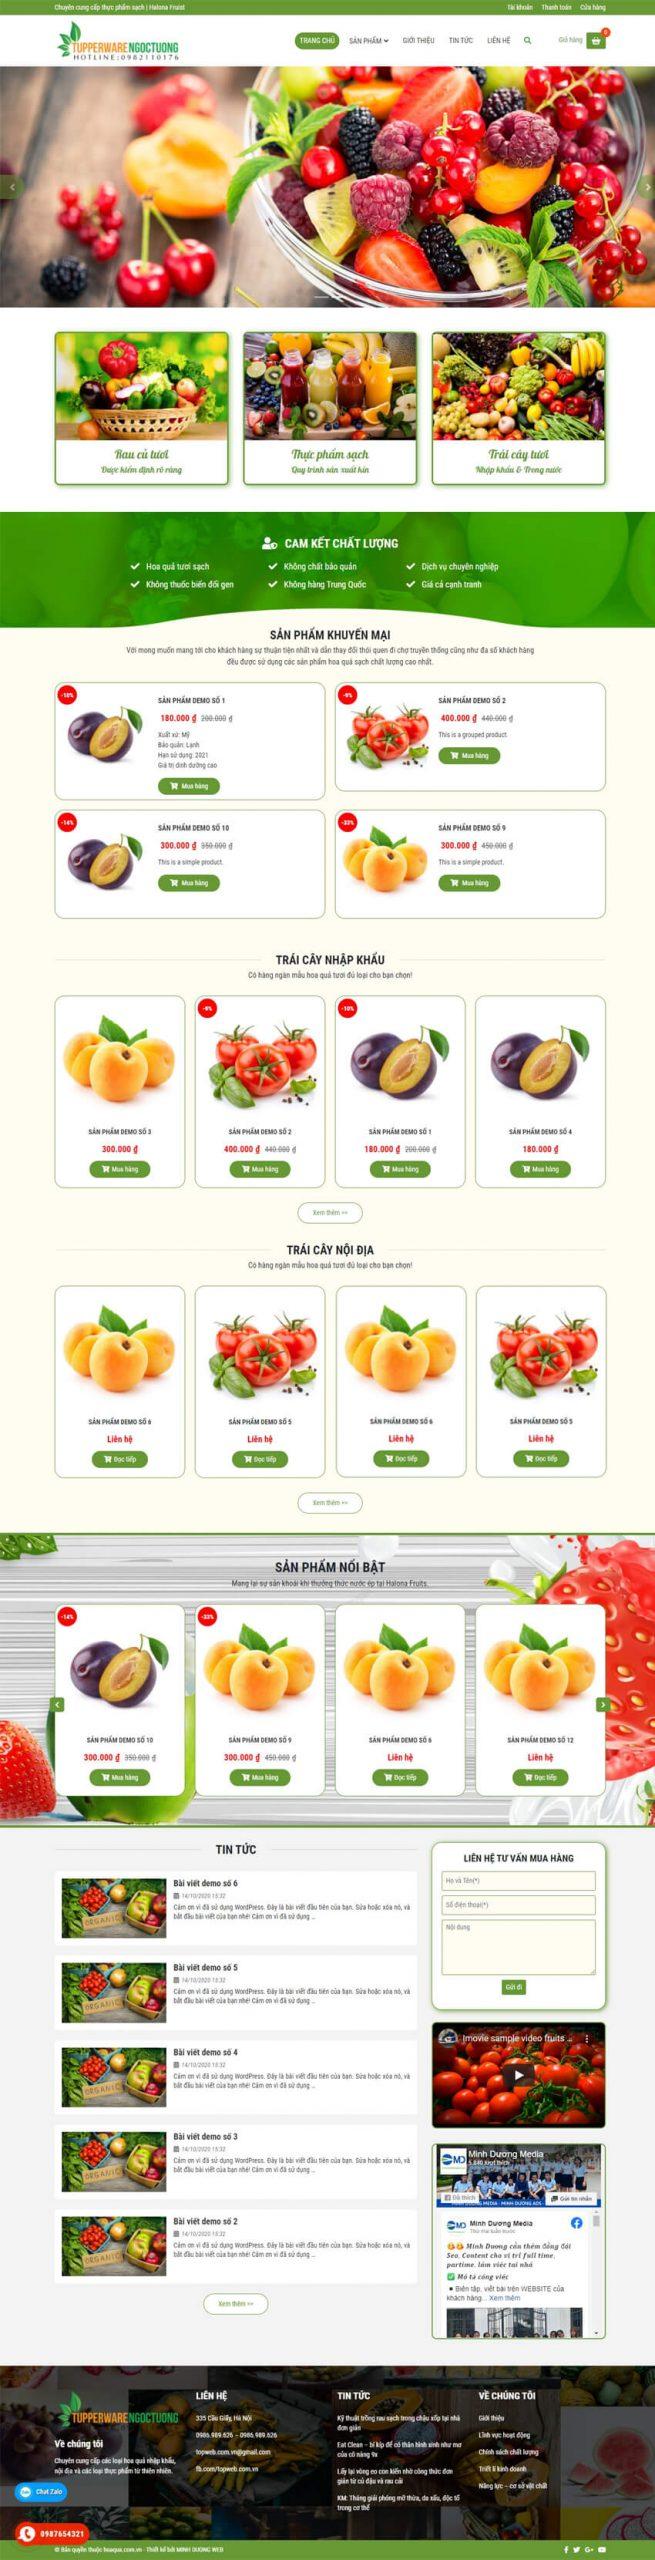 thiết kế web bán hàng hoa quả sạch